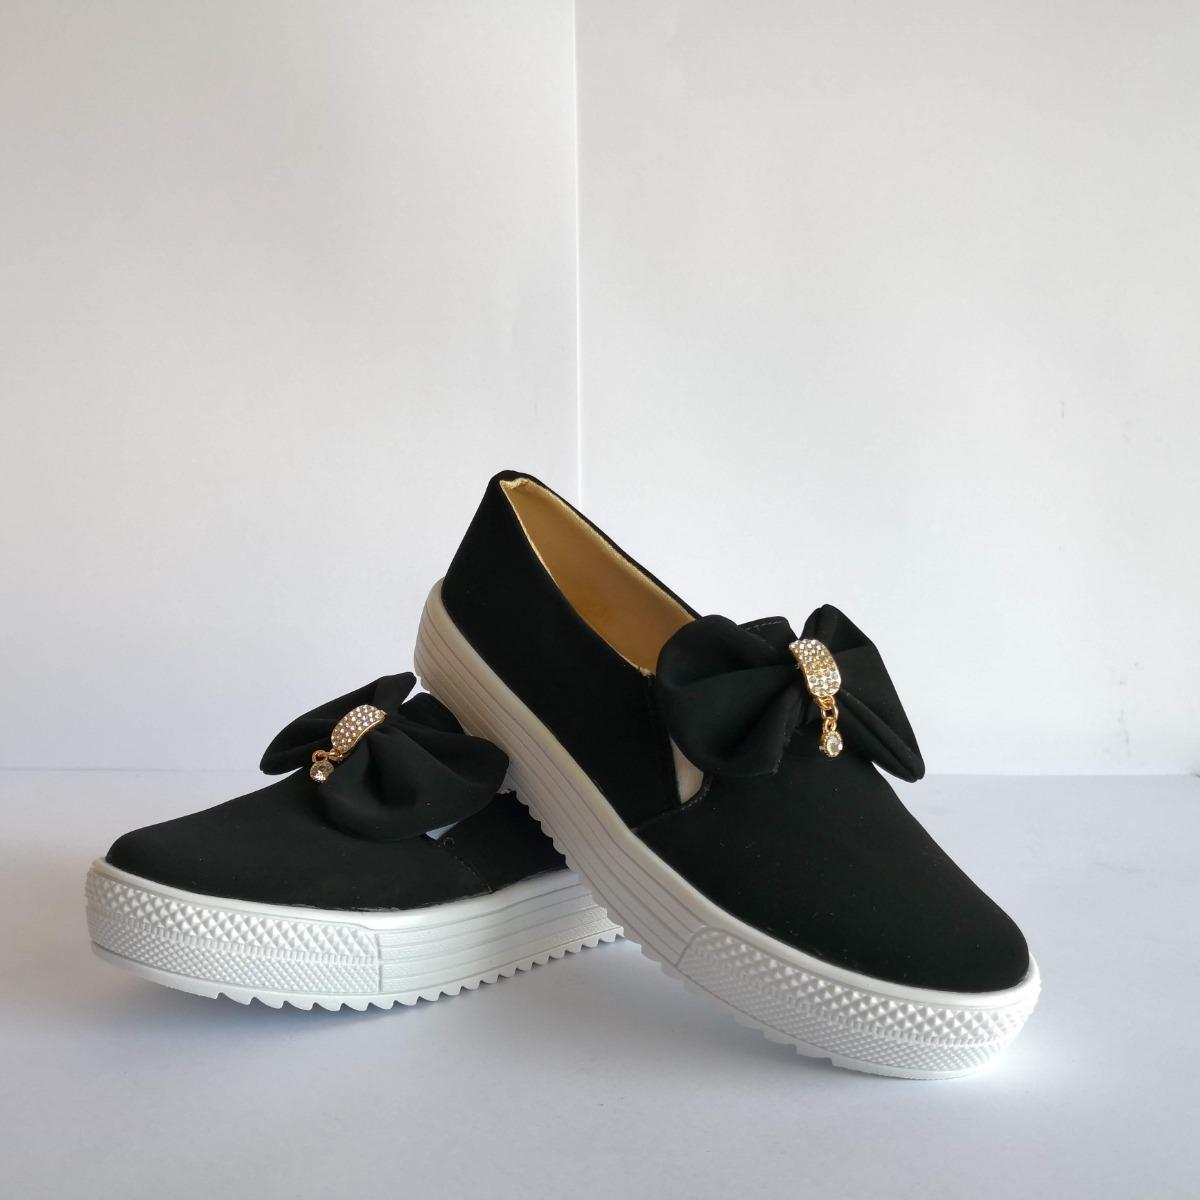 0893a34cbc6 Zapato Tenis Casual Mujer Moño Negro -   399.00 en Mercado Libre